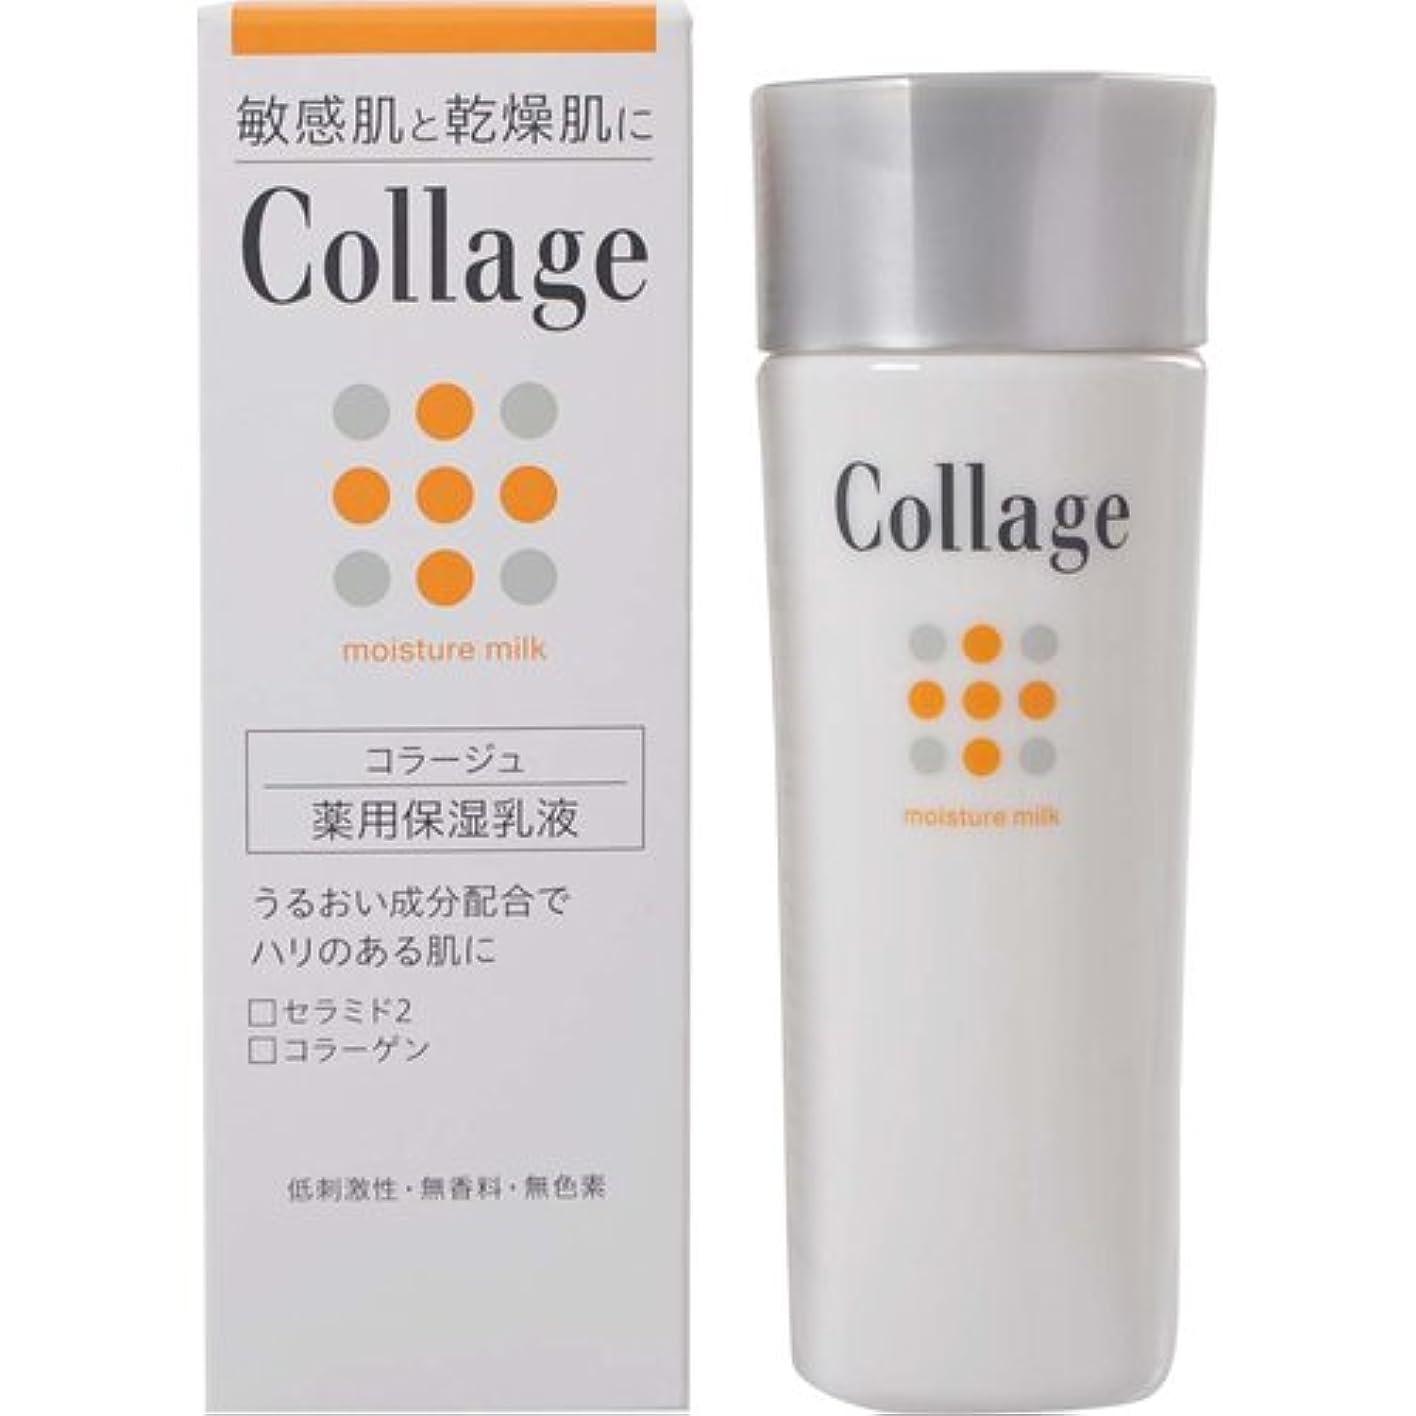 バインドぐったり眠っているコラージュ 薬用保湿乳液 80mL 【医薬部外品】